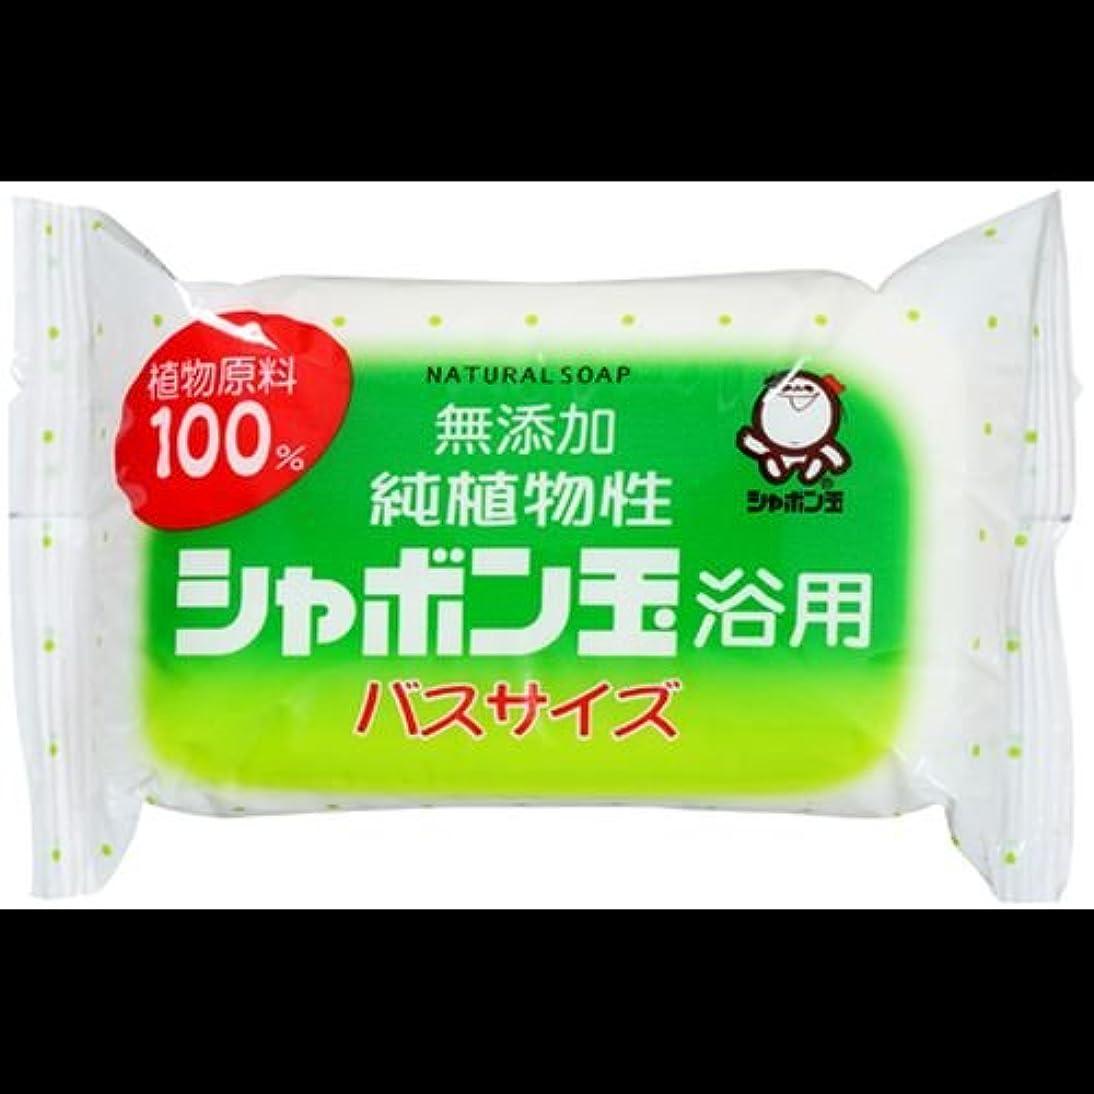 コントラスト店員恋人【まとめ買い】純植物性シャボン玉 浴用 バスサイズ155g ×2セット